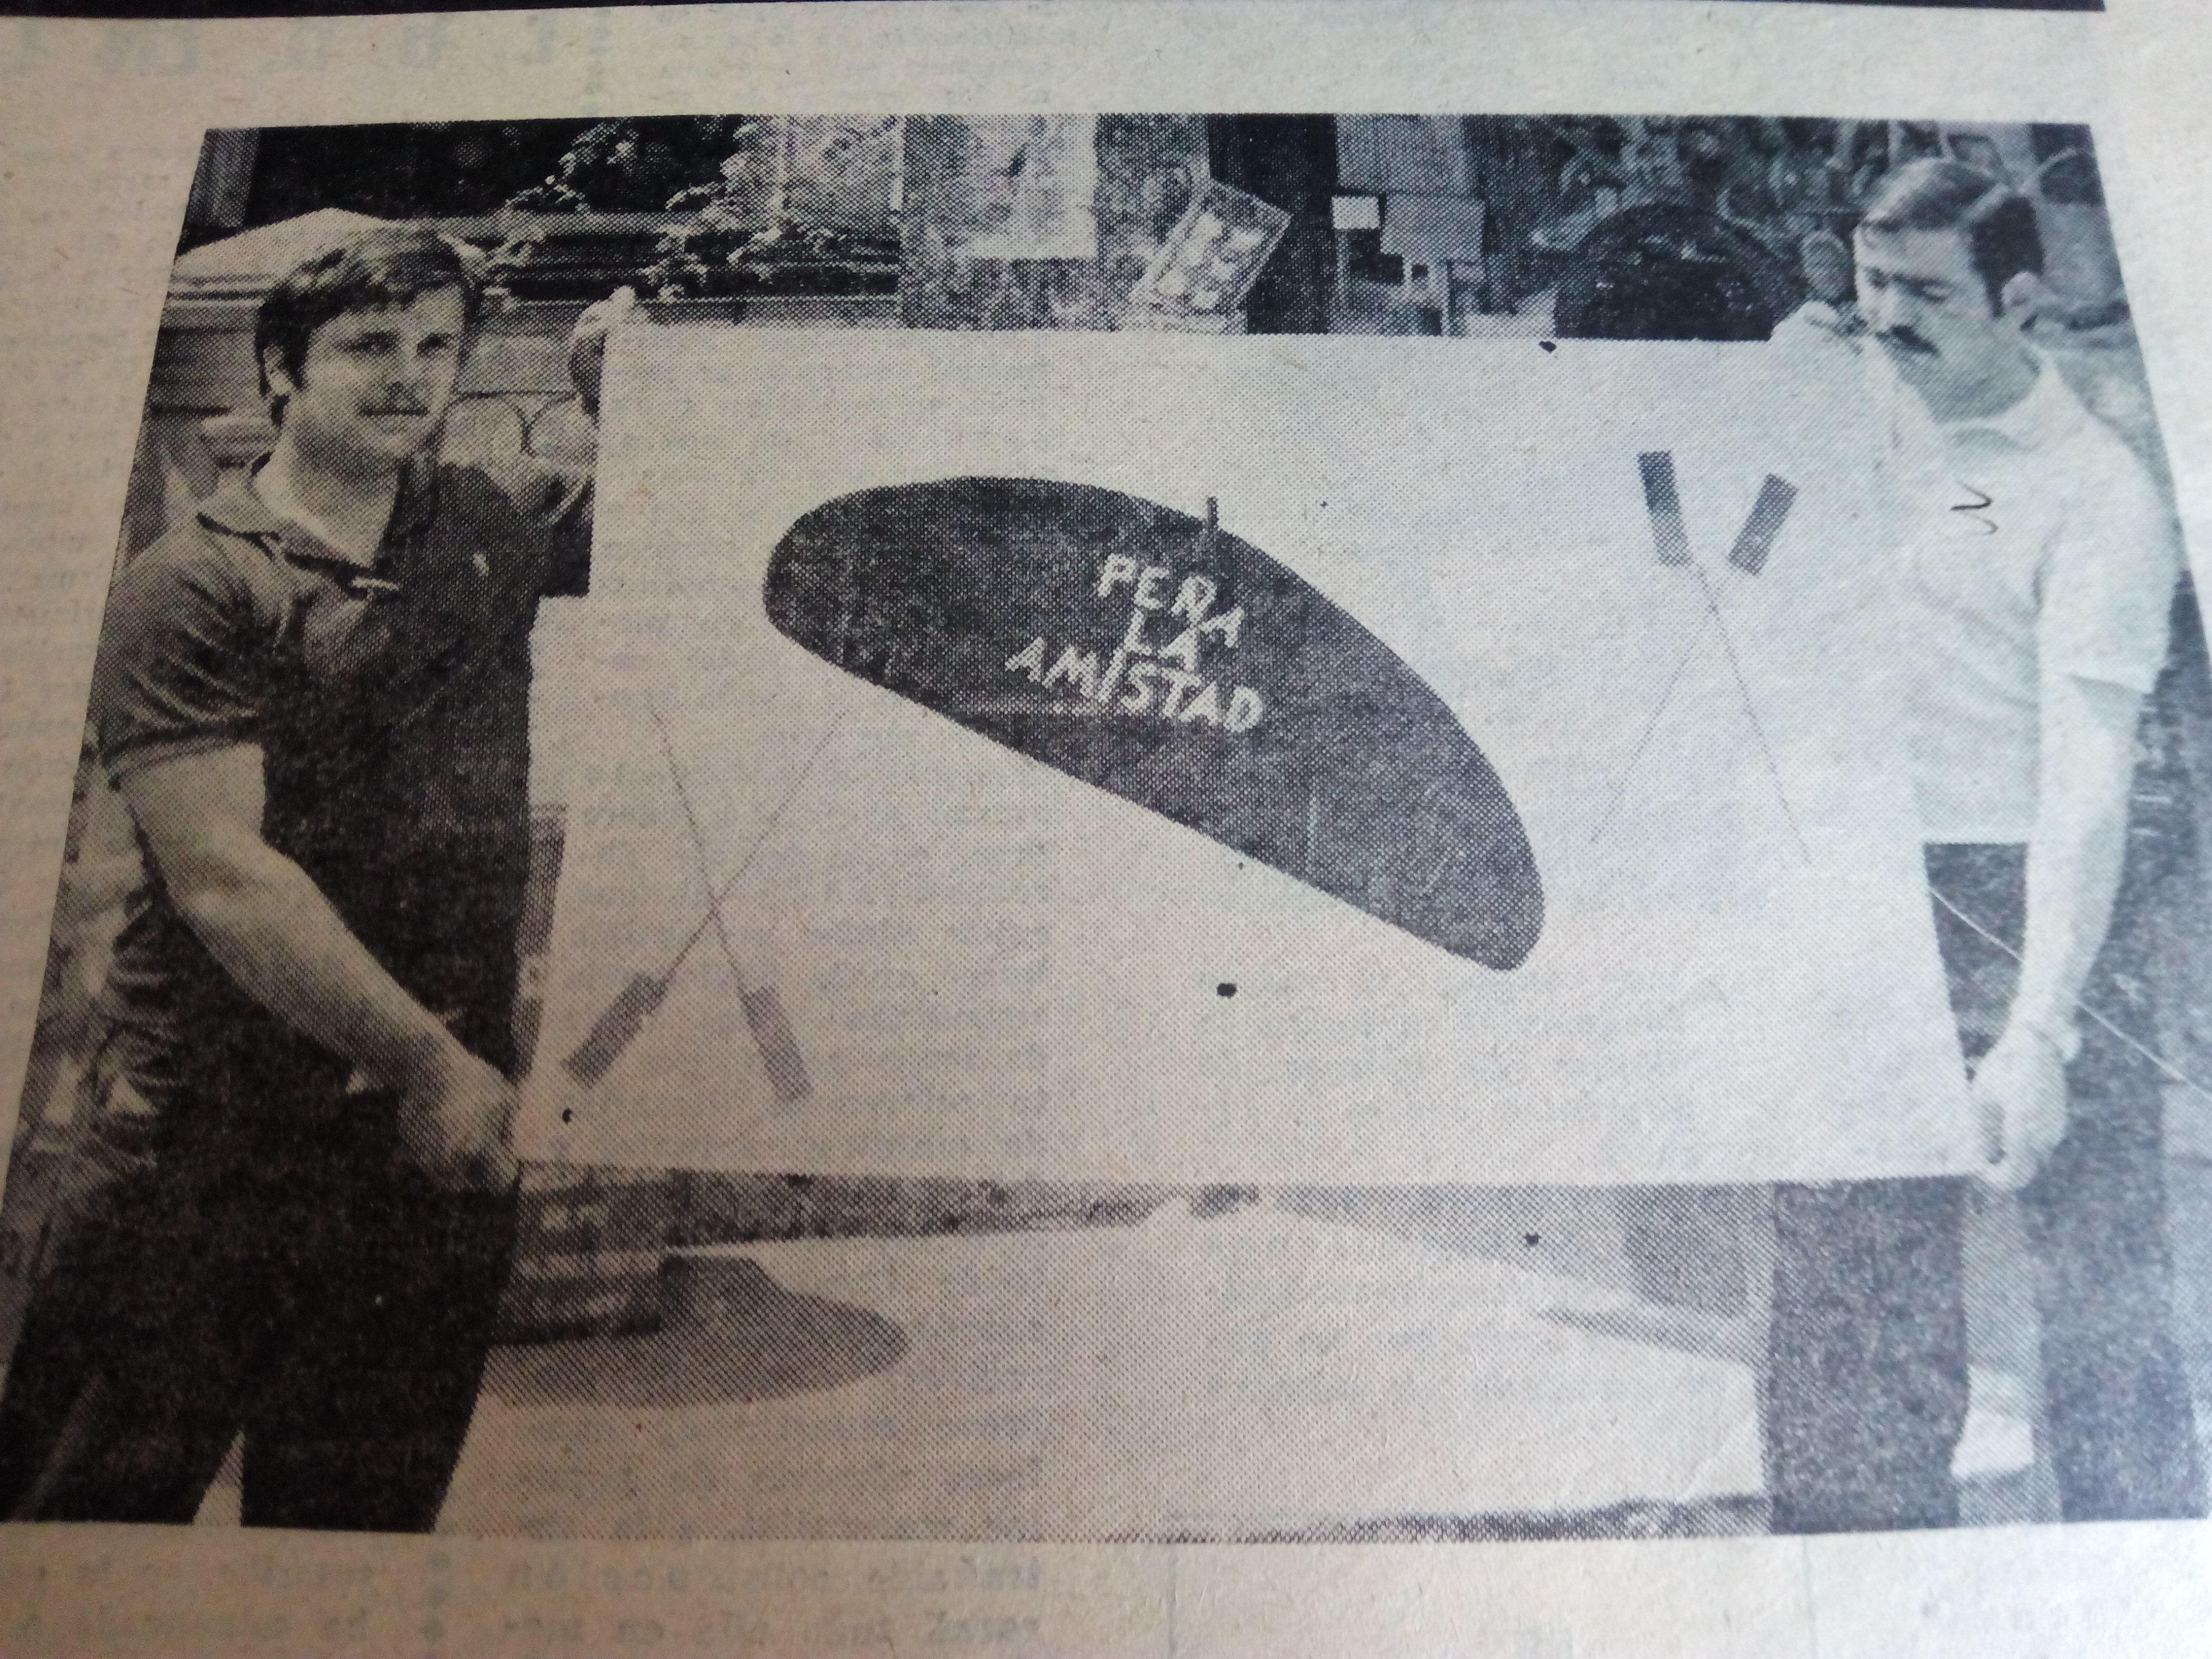 CANGAS DEL NARCEA.- Julio de 1975: Peña La Amistad